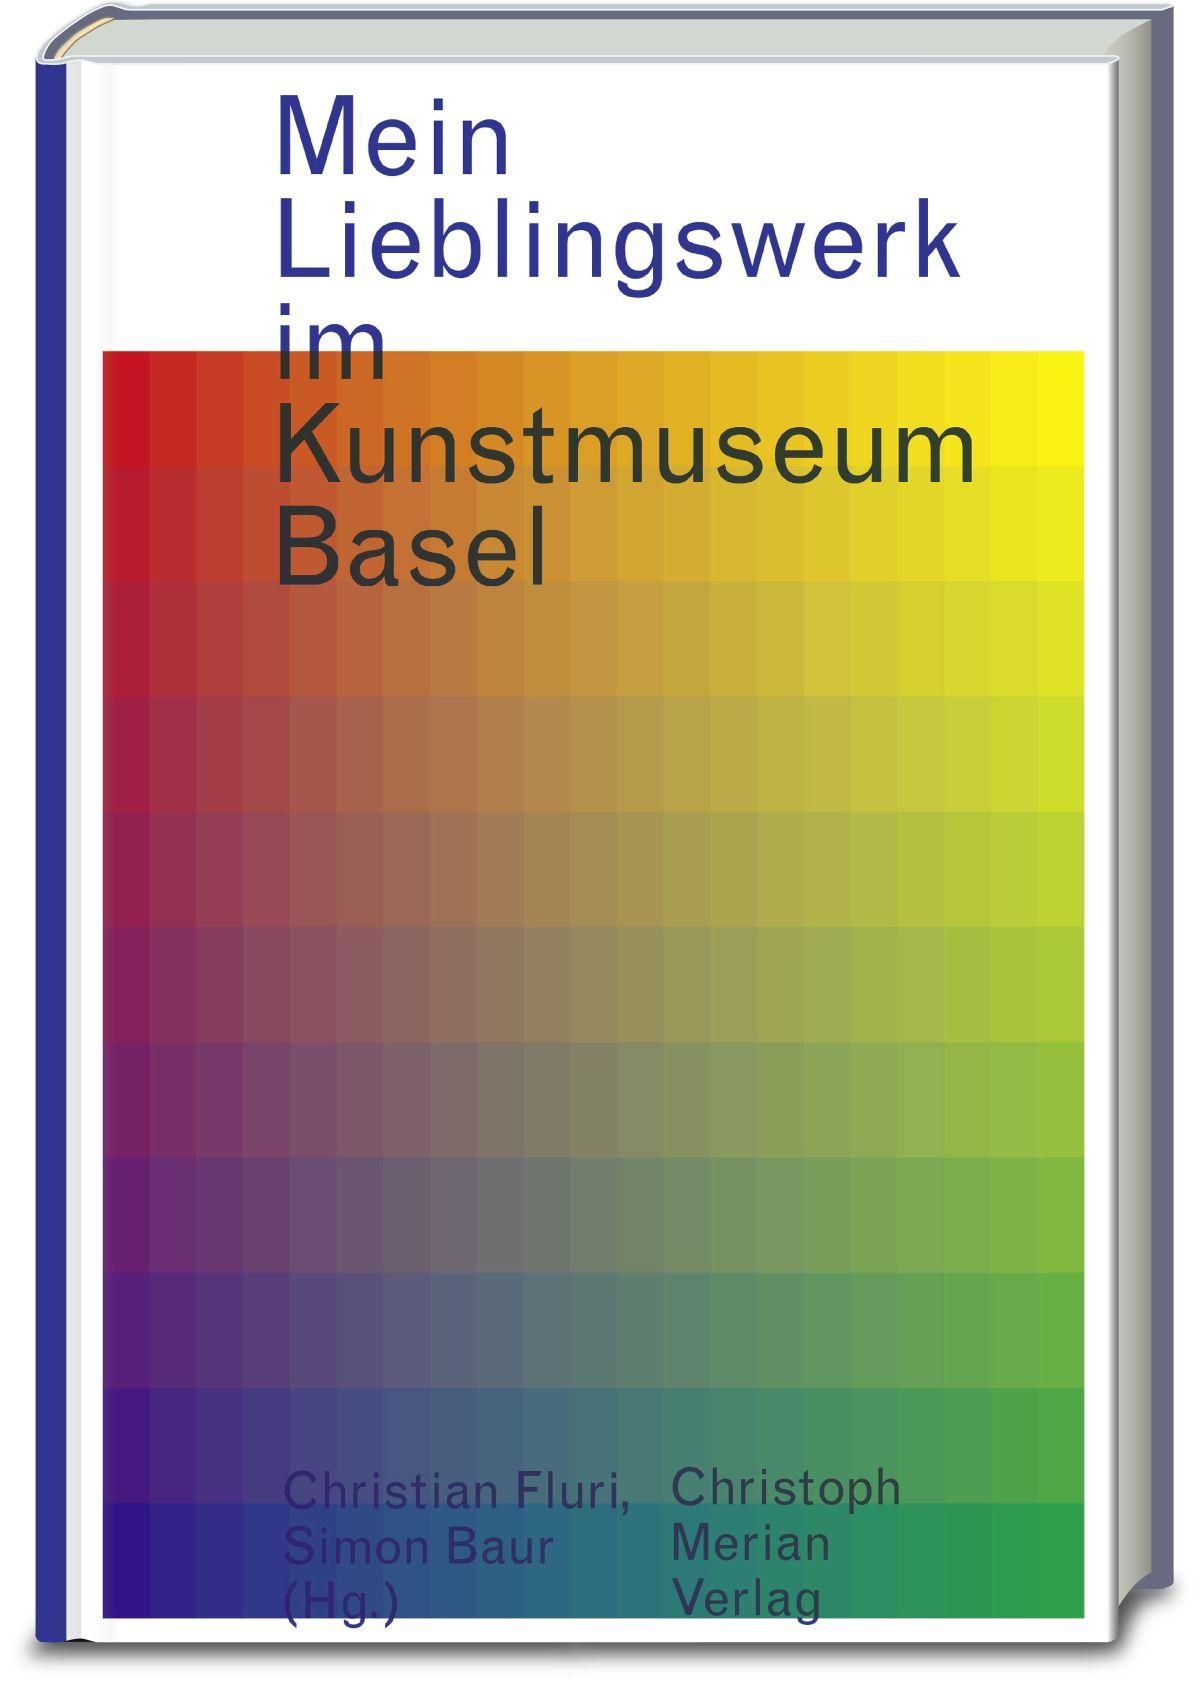 Mein Lieblingswerk im Kunstmuseum Basel